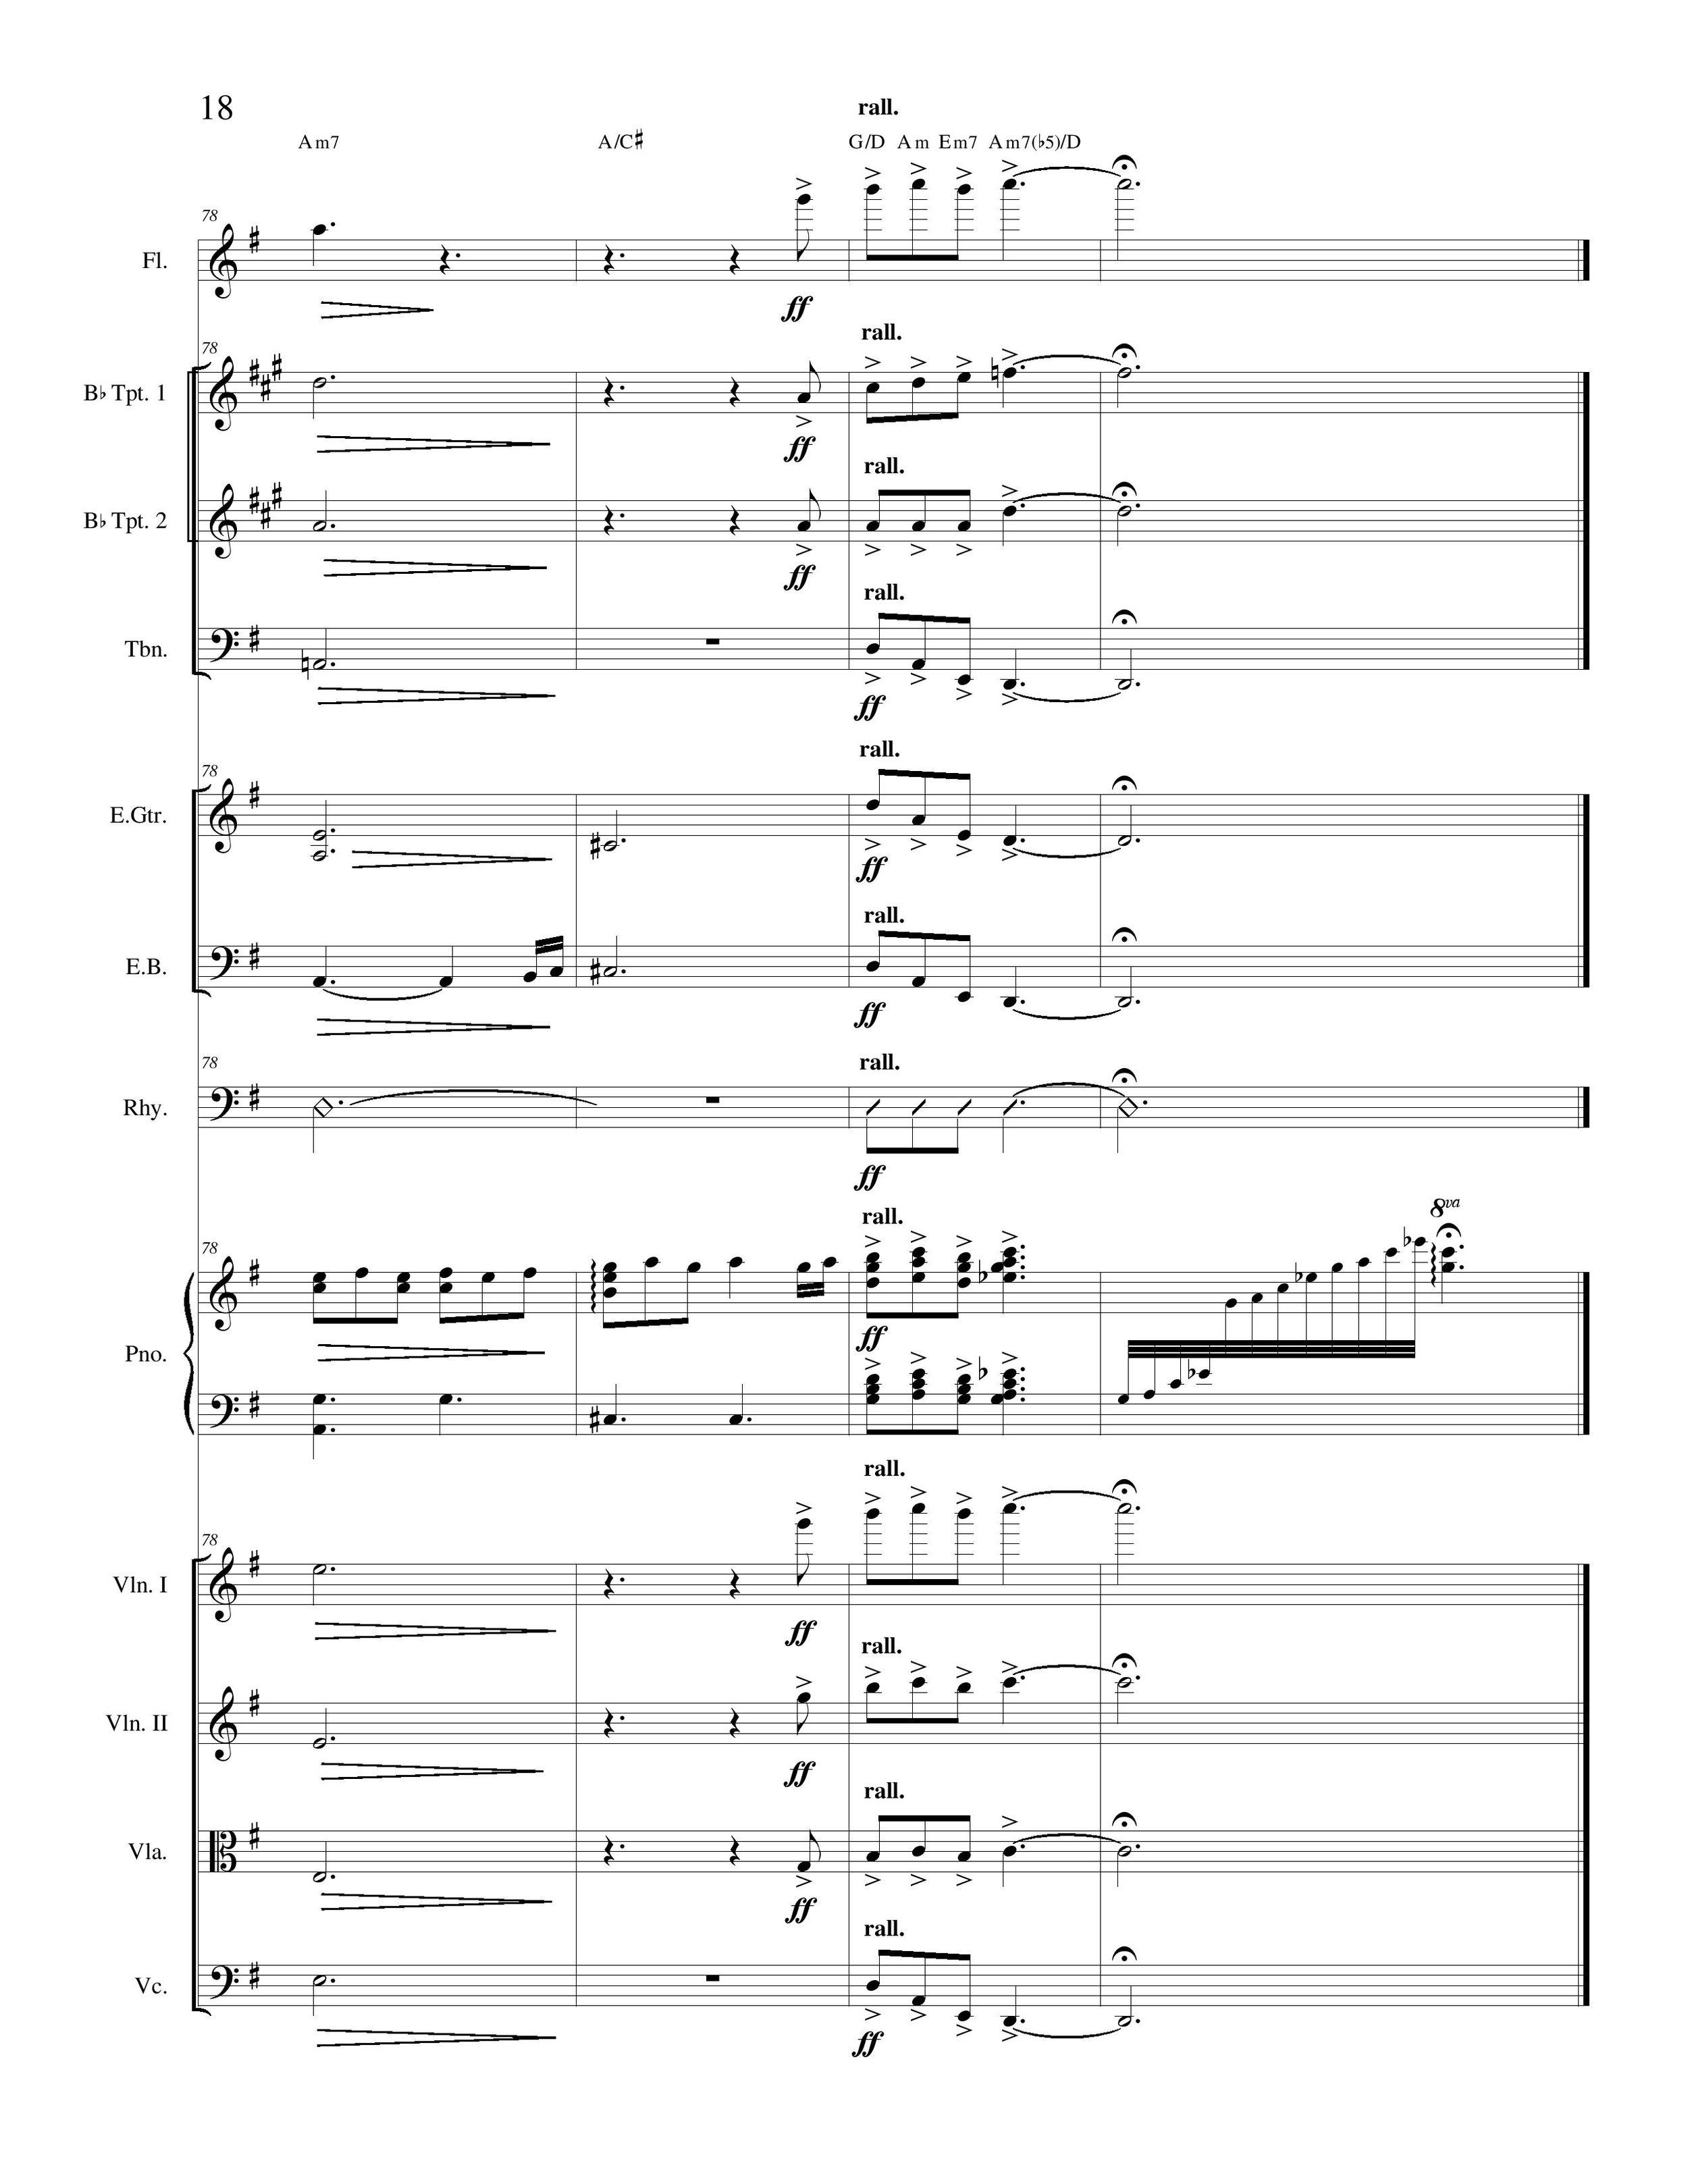 Christmas Overture - Score_18.jpg